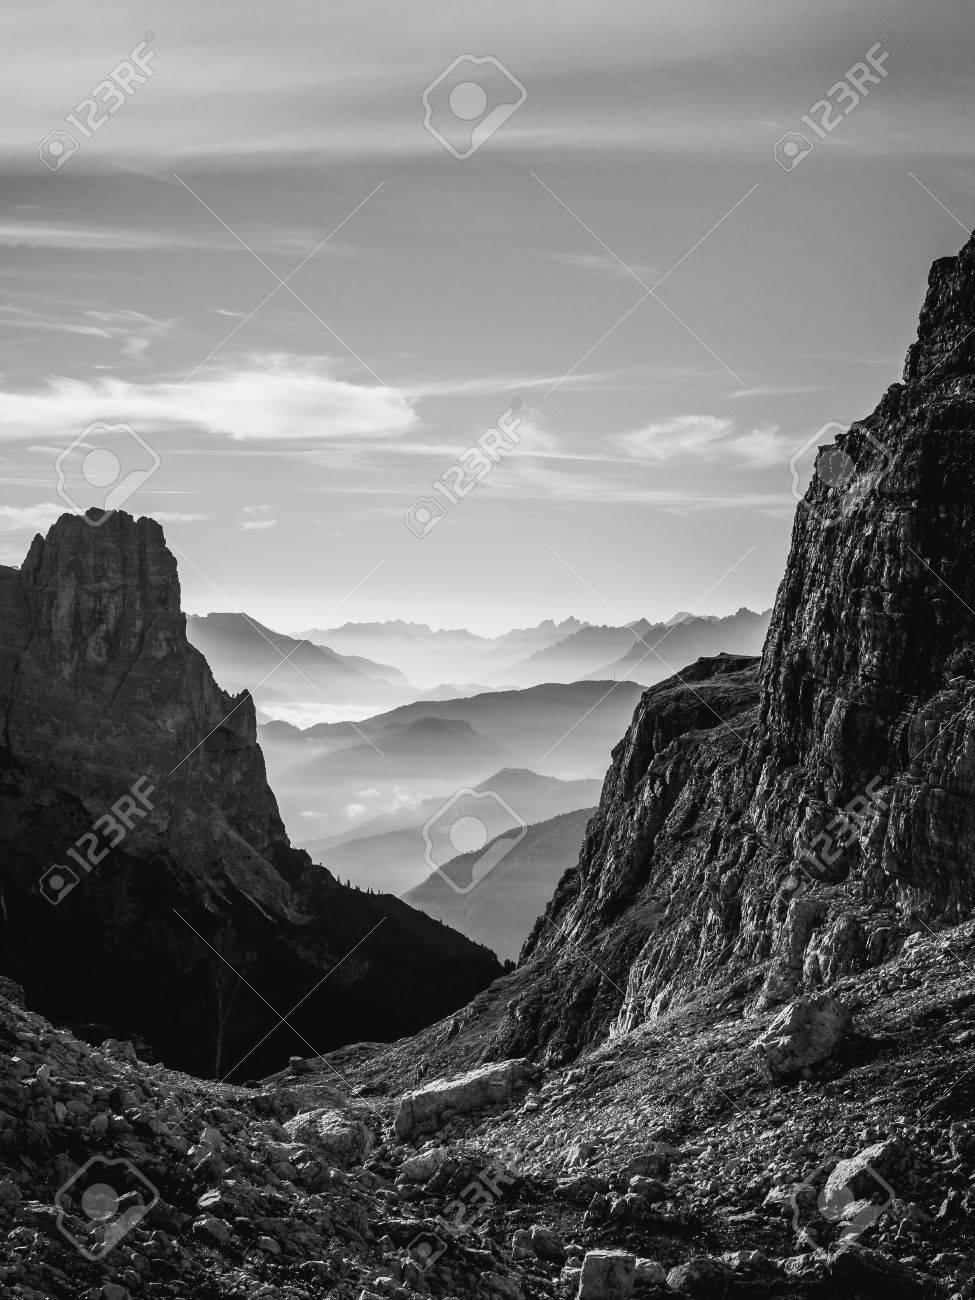 Opinión Del Paisaje Blanco Y Negro De Las Montañas Y De Las Colinas